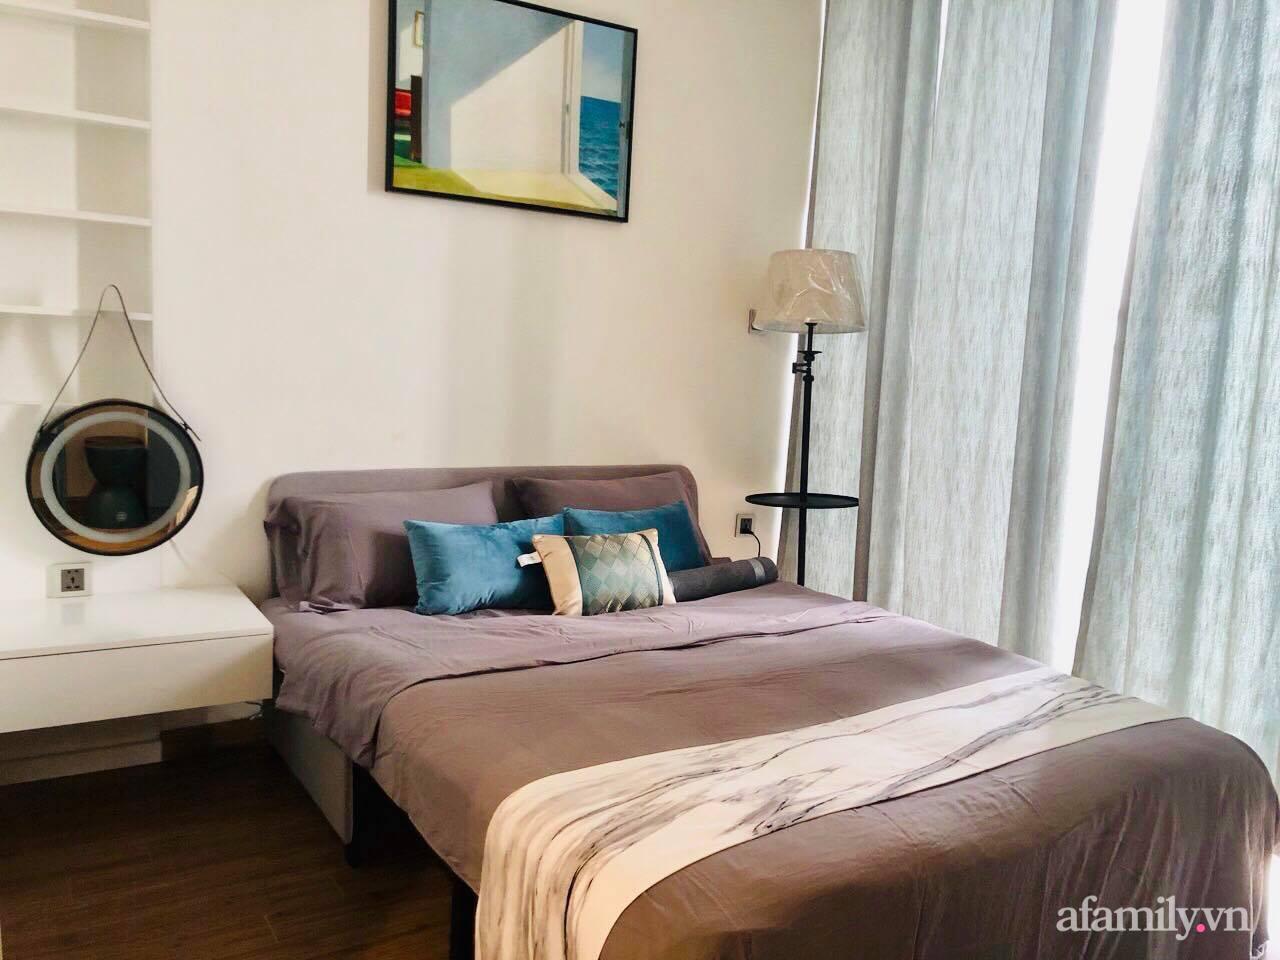 Căn hộ 28m² đẹp từng centimet với cách lựa chọn nội thất thông minh, hiện đại có chi phí hoàn thiện 100 triệu đồng ở Hà Nội - Ảnh 14.